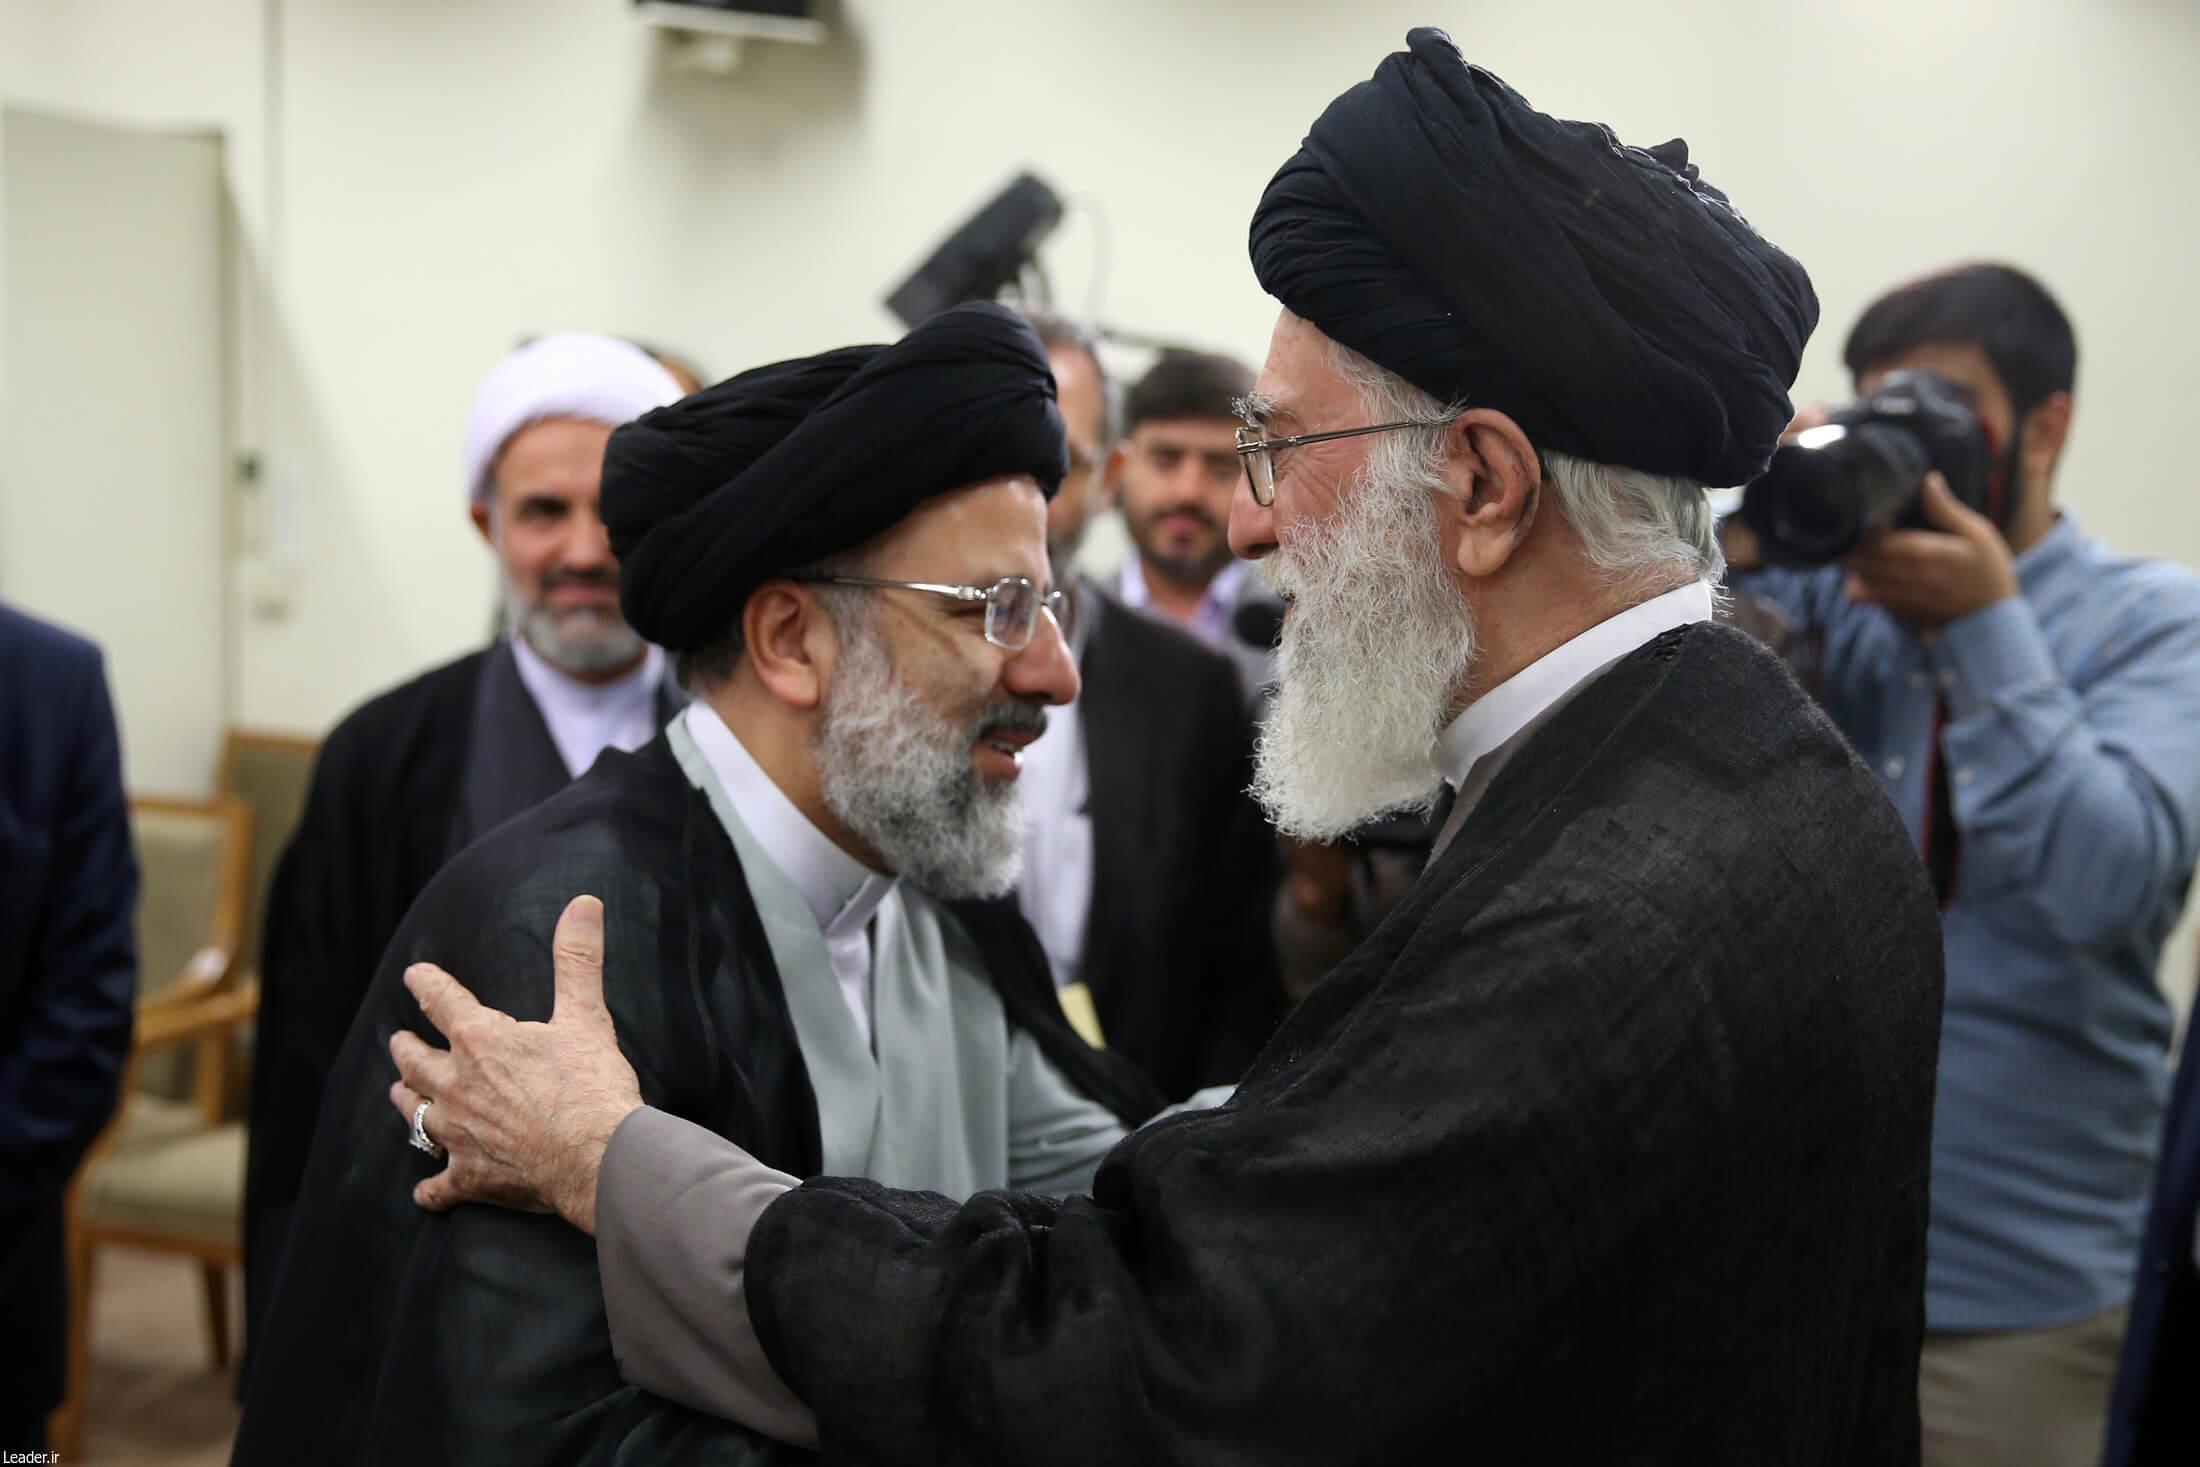 تقدیر نمایندگان مجلس از انتصاب حجتالاسلام و المسلمین رئیسی به تولیت آستان قدس رضوی